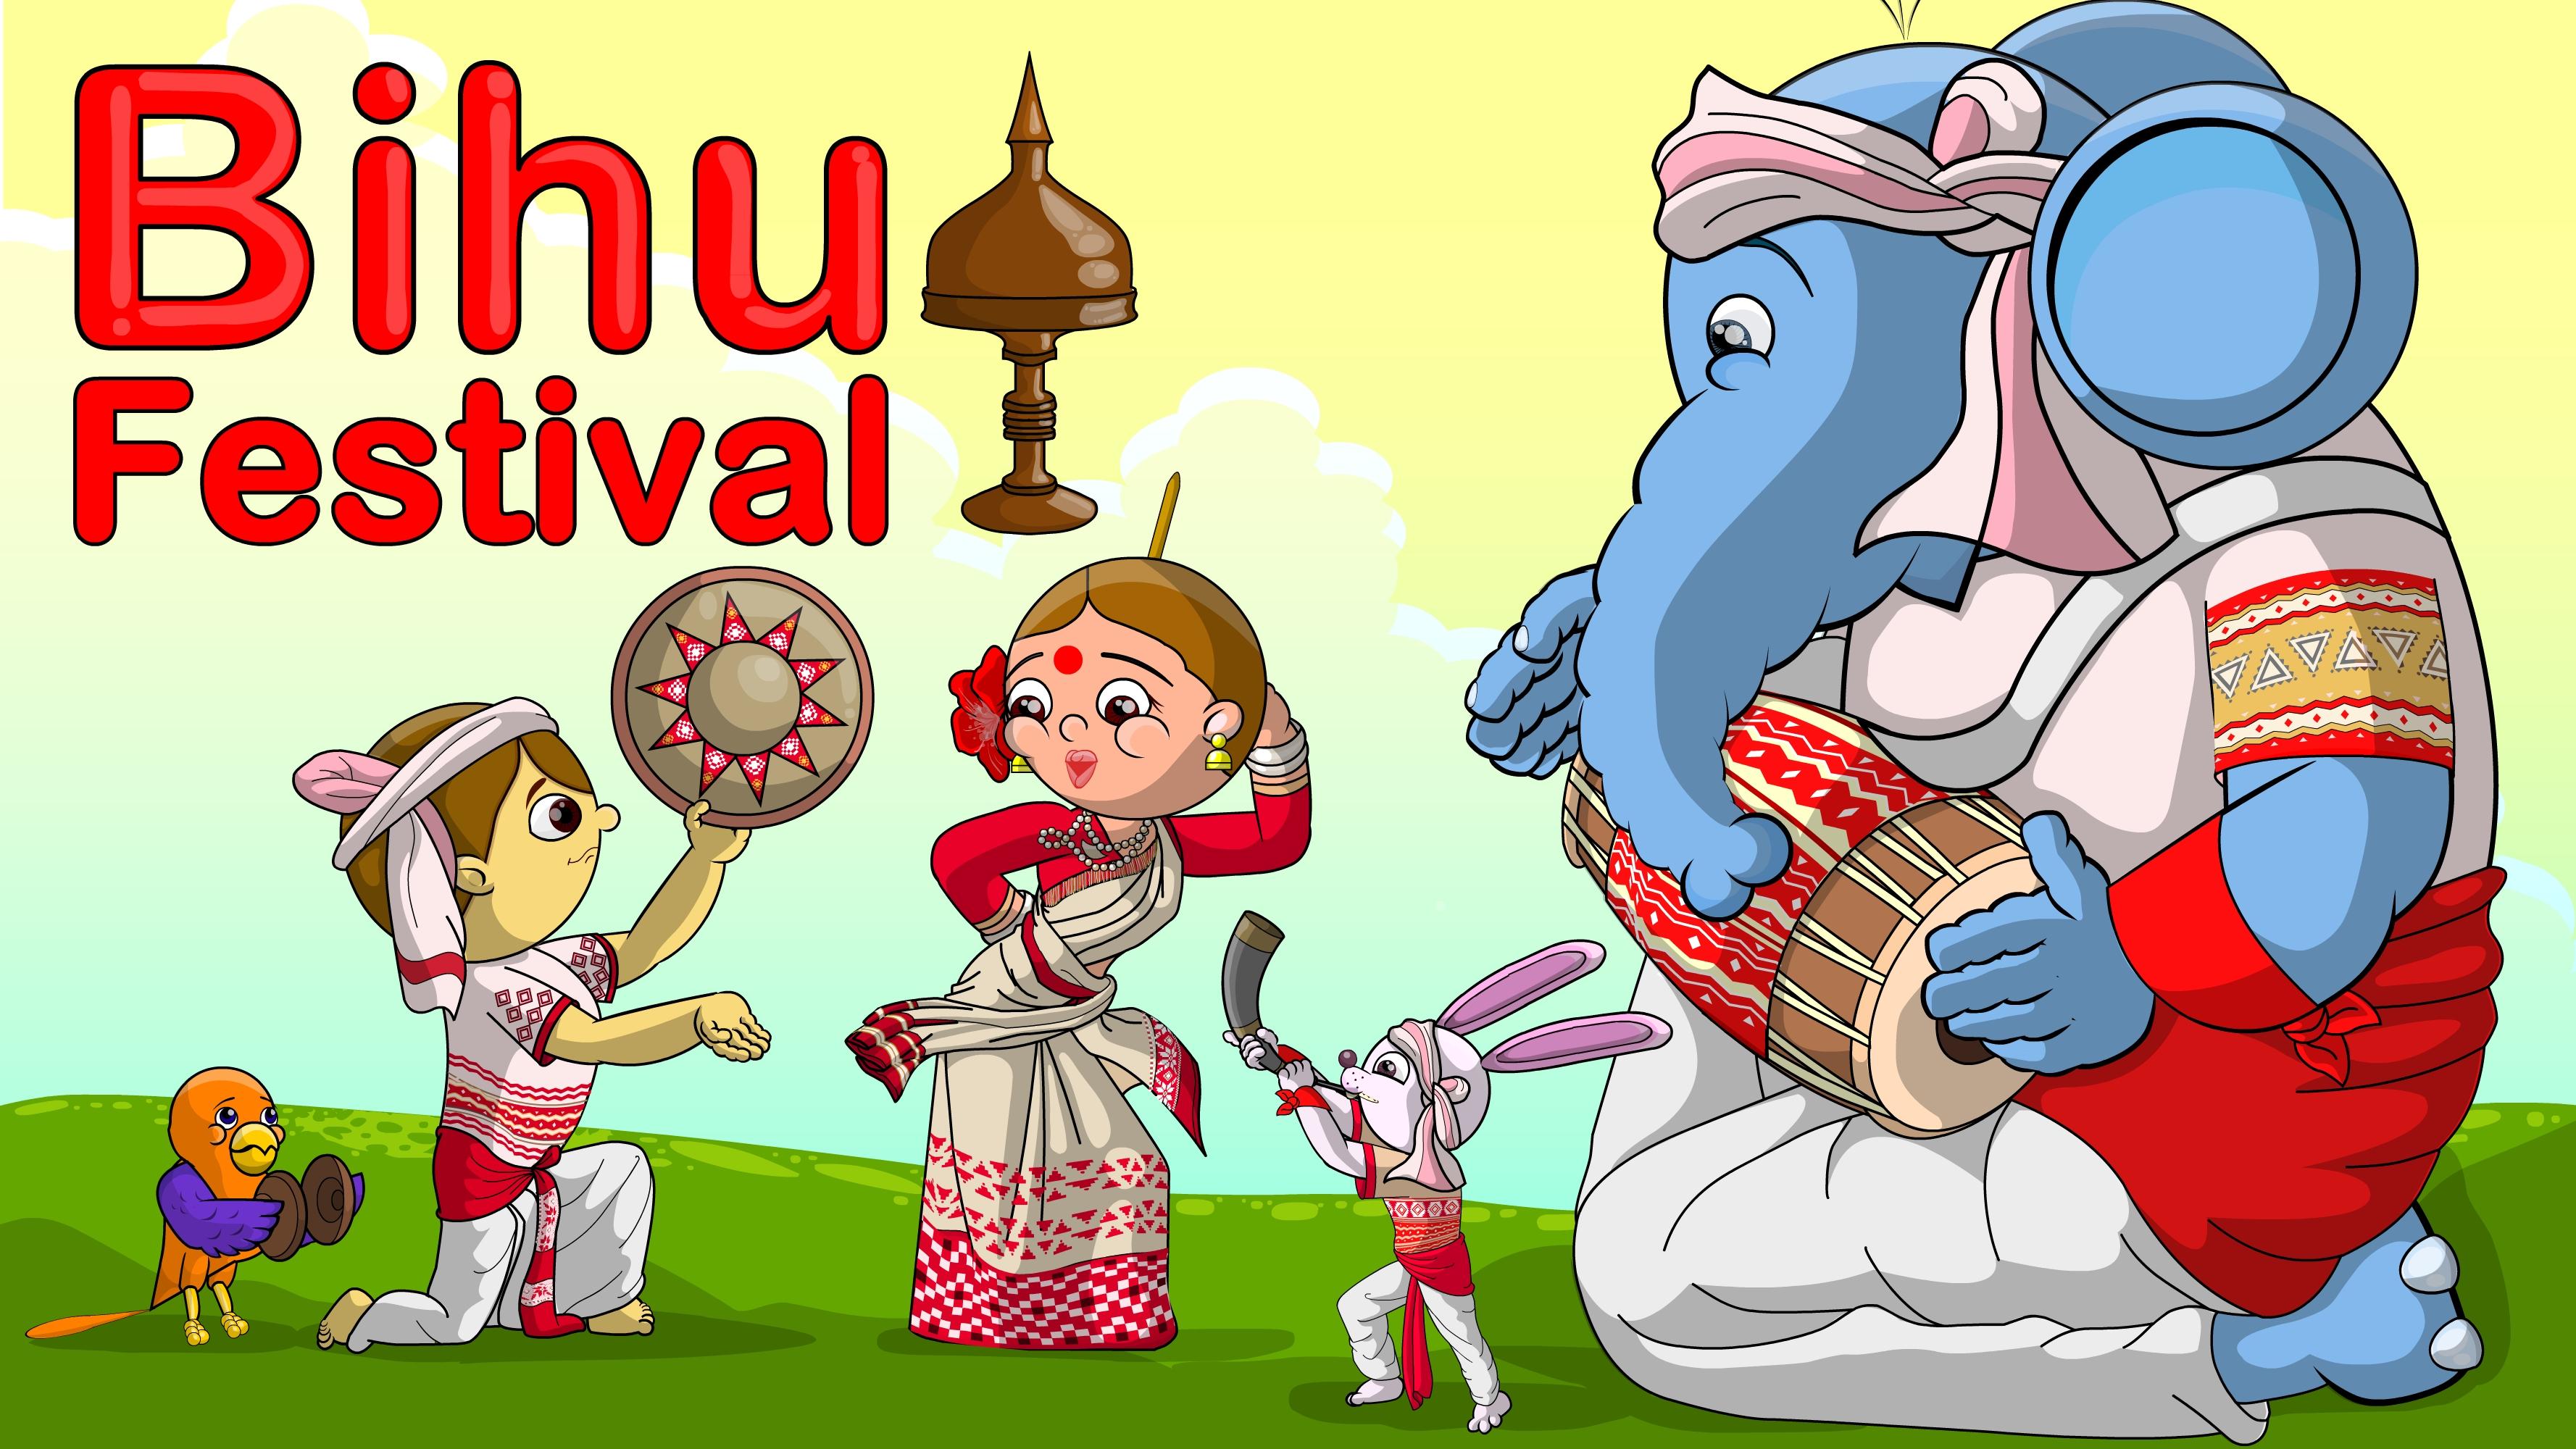 Happy Bihu festival | ChinuMeenu